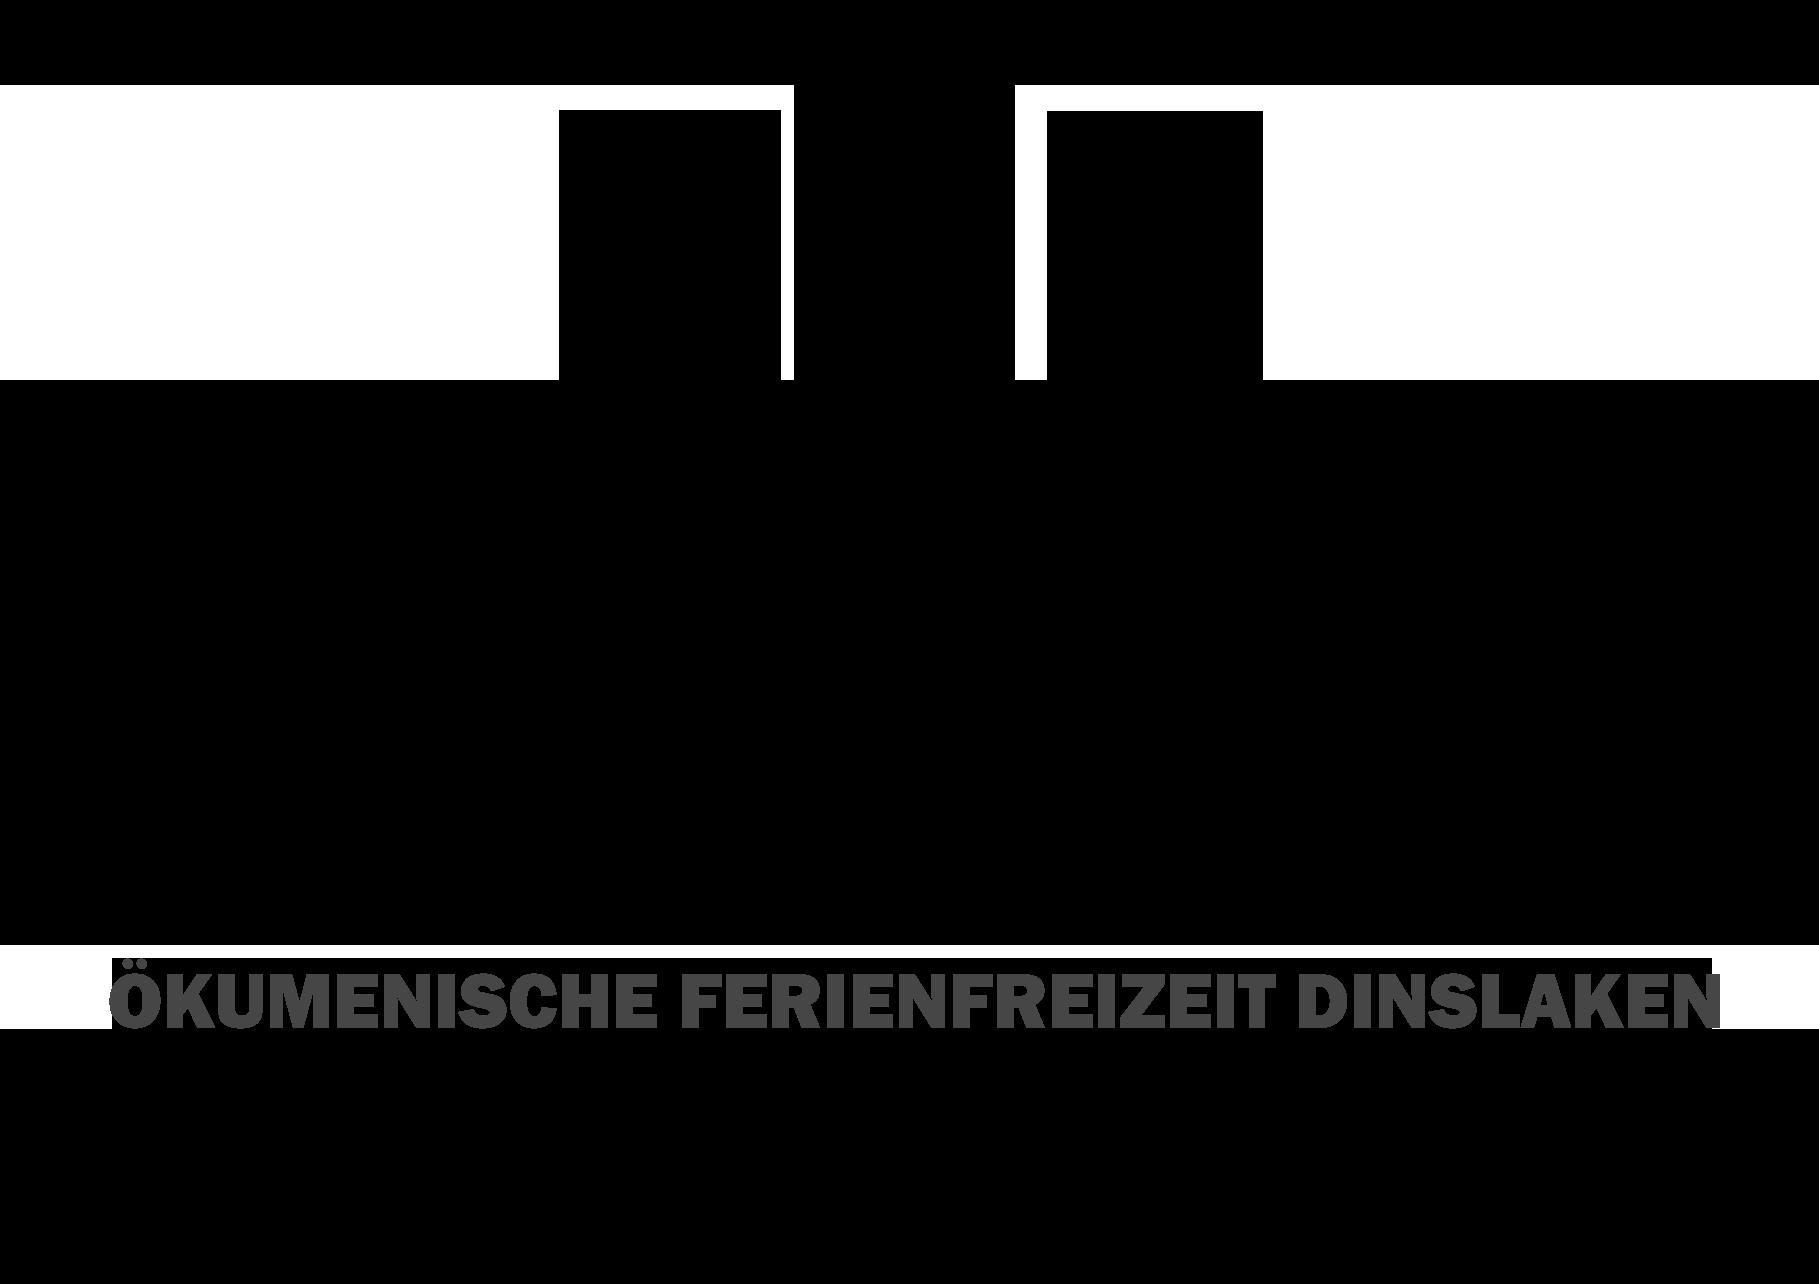 Pfingstlager Dinslaken